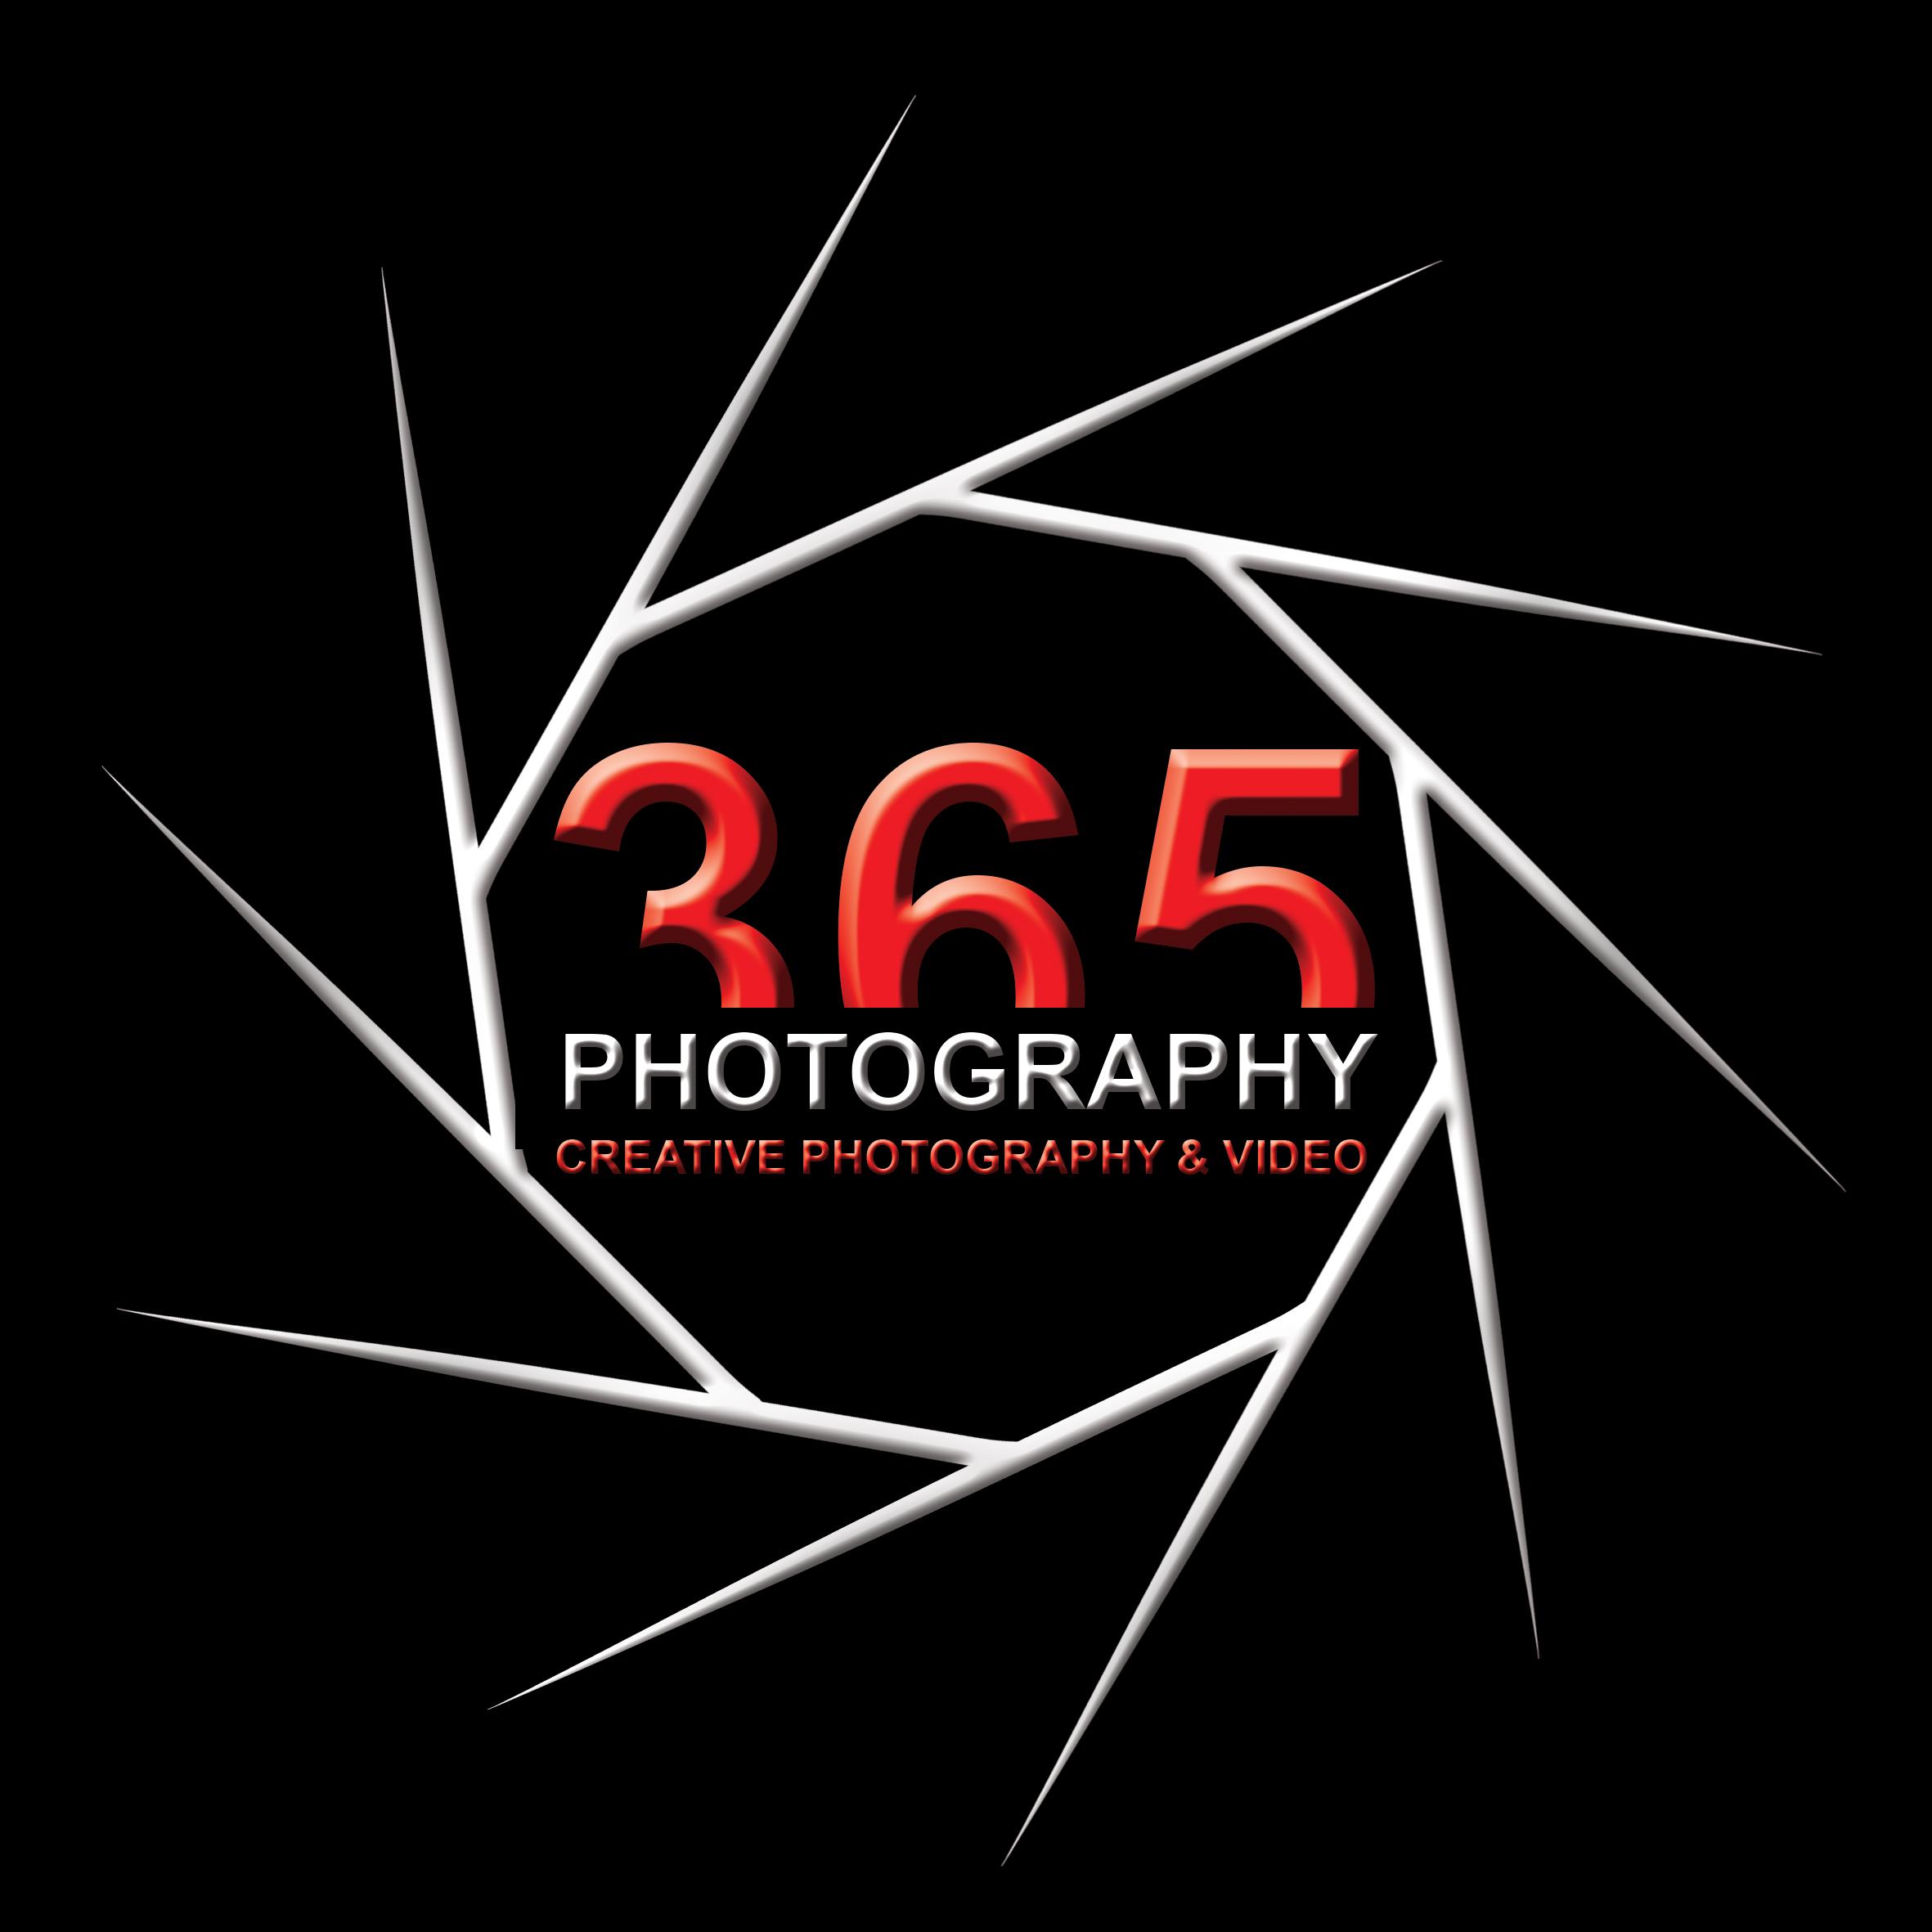 Logo Design by Kiavash Varnoos - Entry No. 40 in the Logo Design Contest 365photography Creative Photography & Video Logo Design.